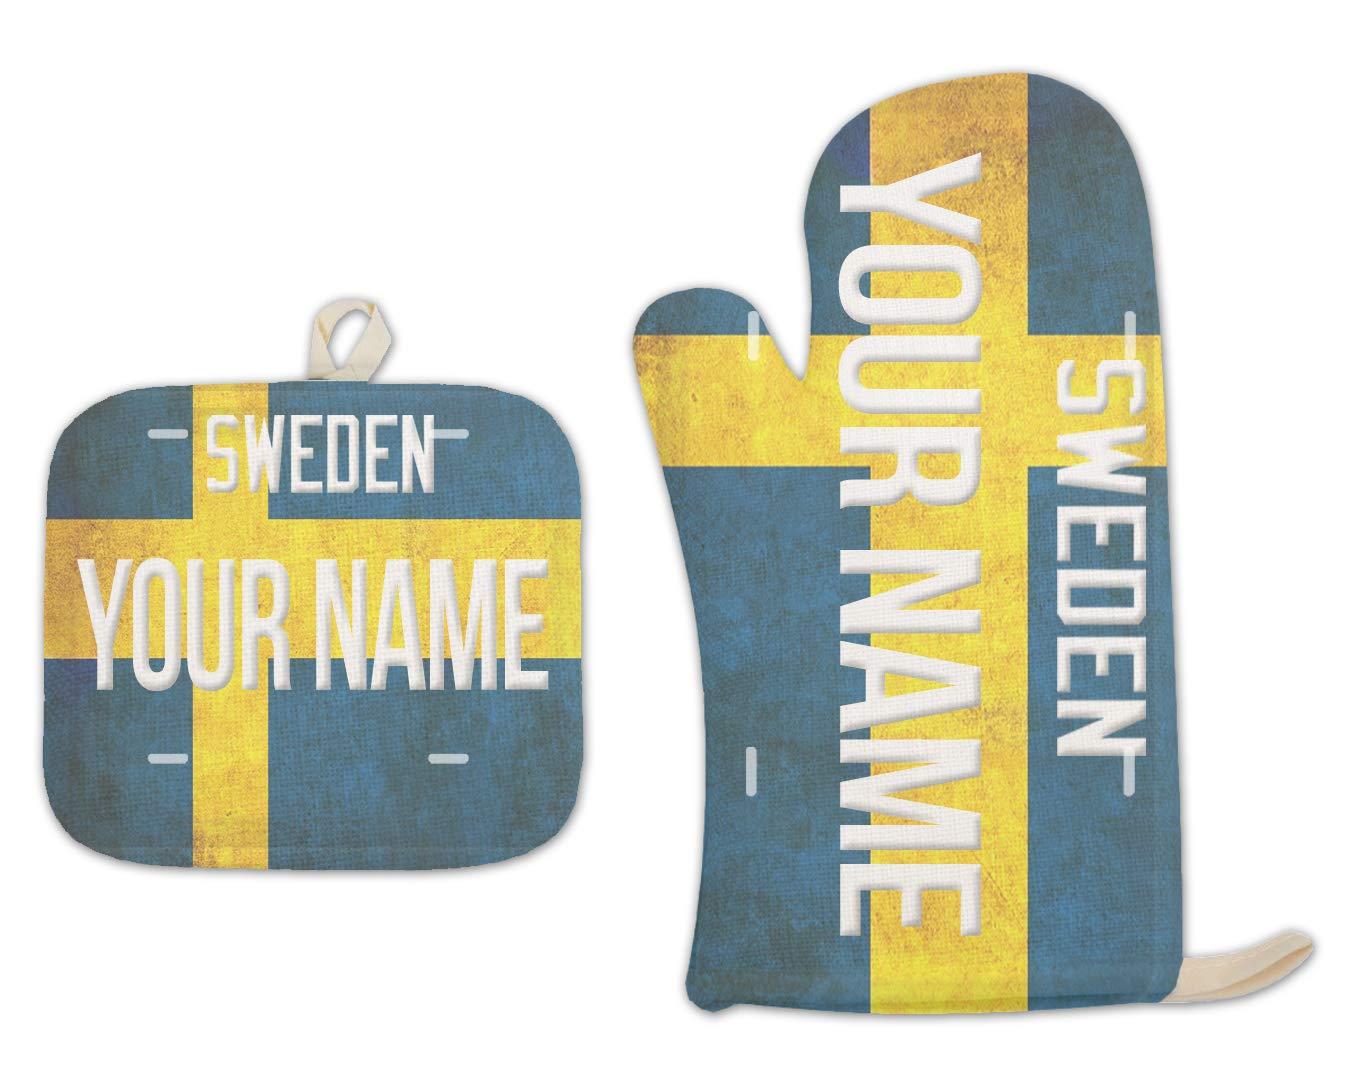 Bleu Reign BRGiftShop Personalized Custom Name License Sweden Plate Linen Oven Mitt and Potholder Set